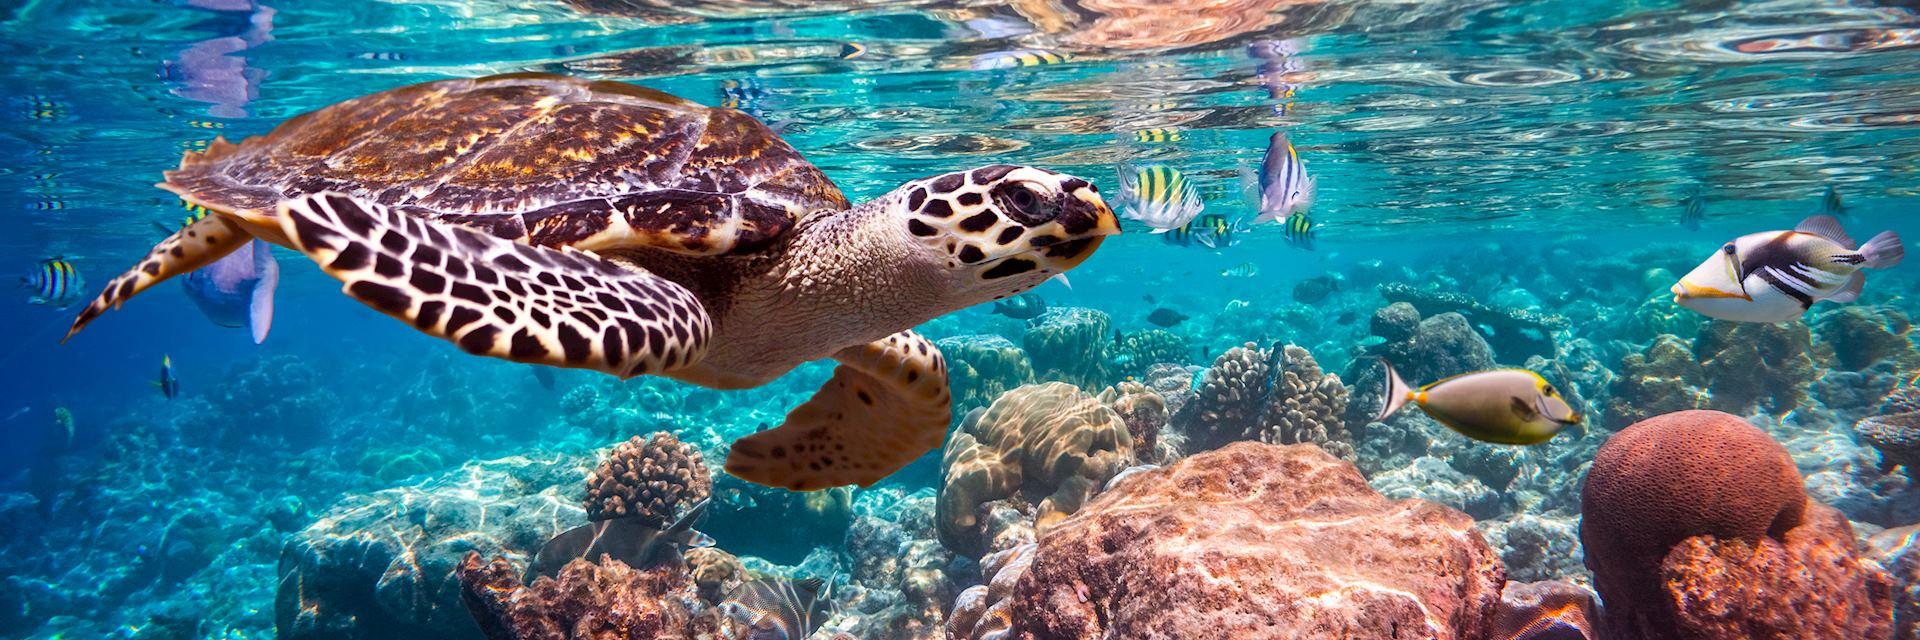 Hawksbill turtle, Maldives